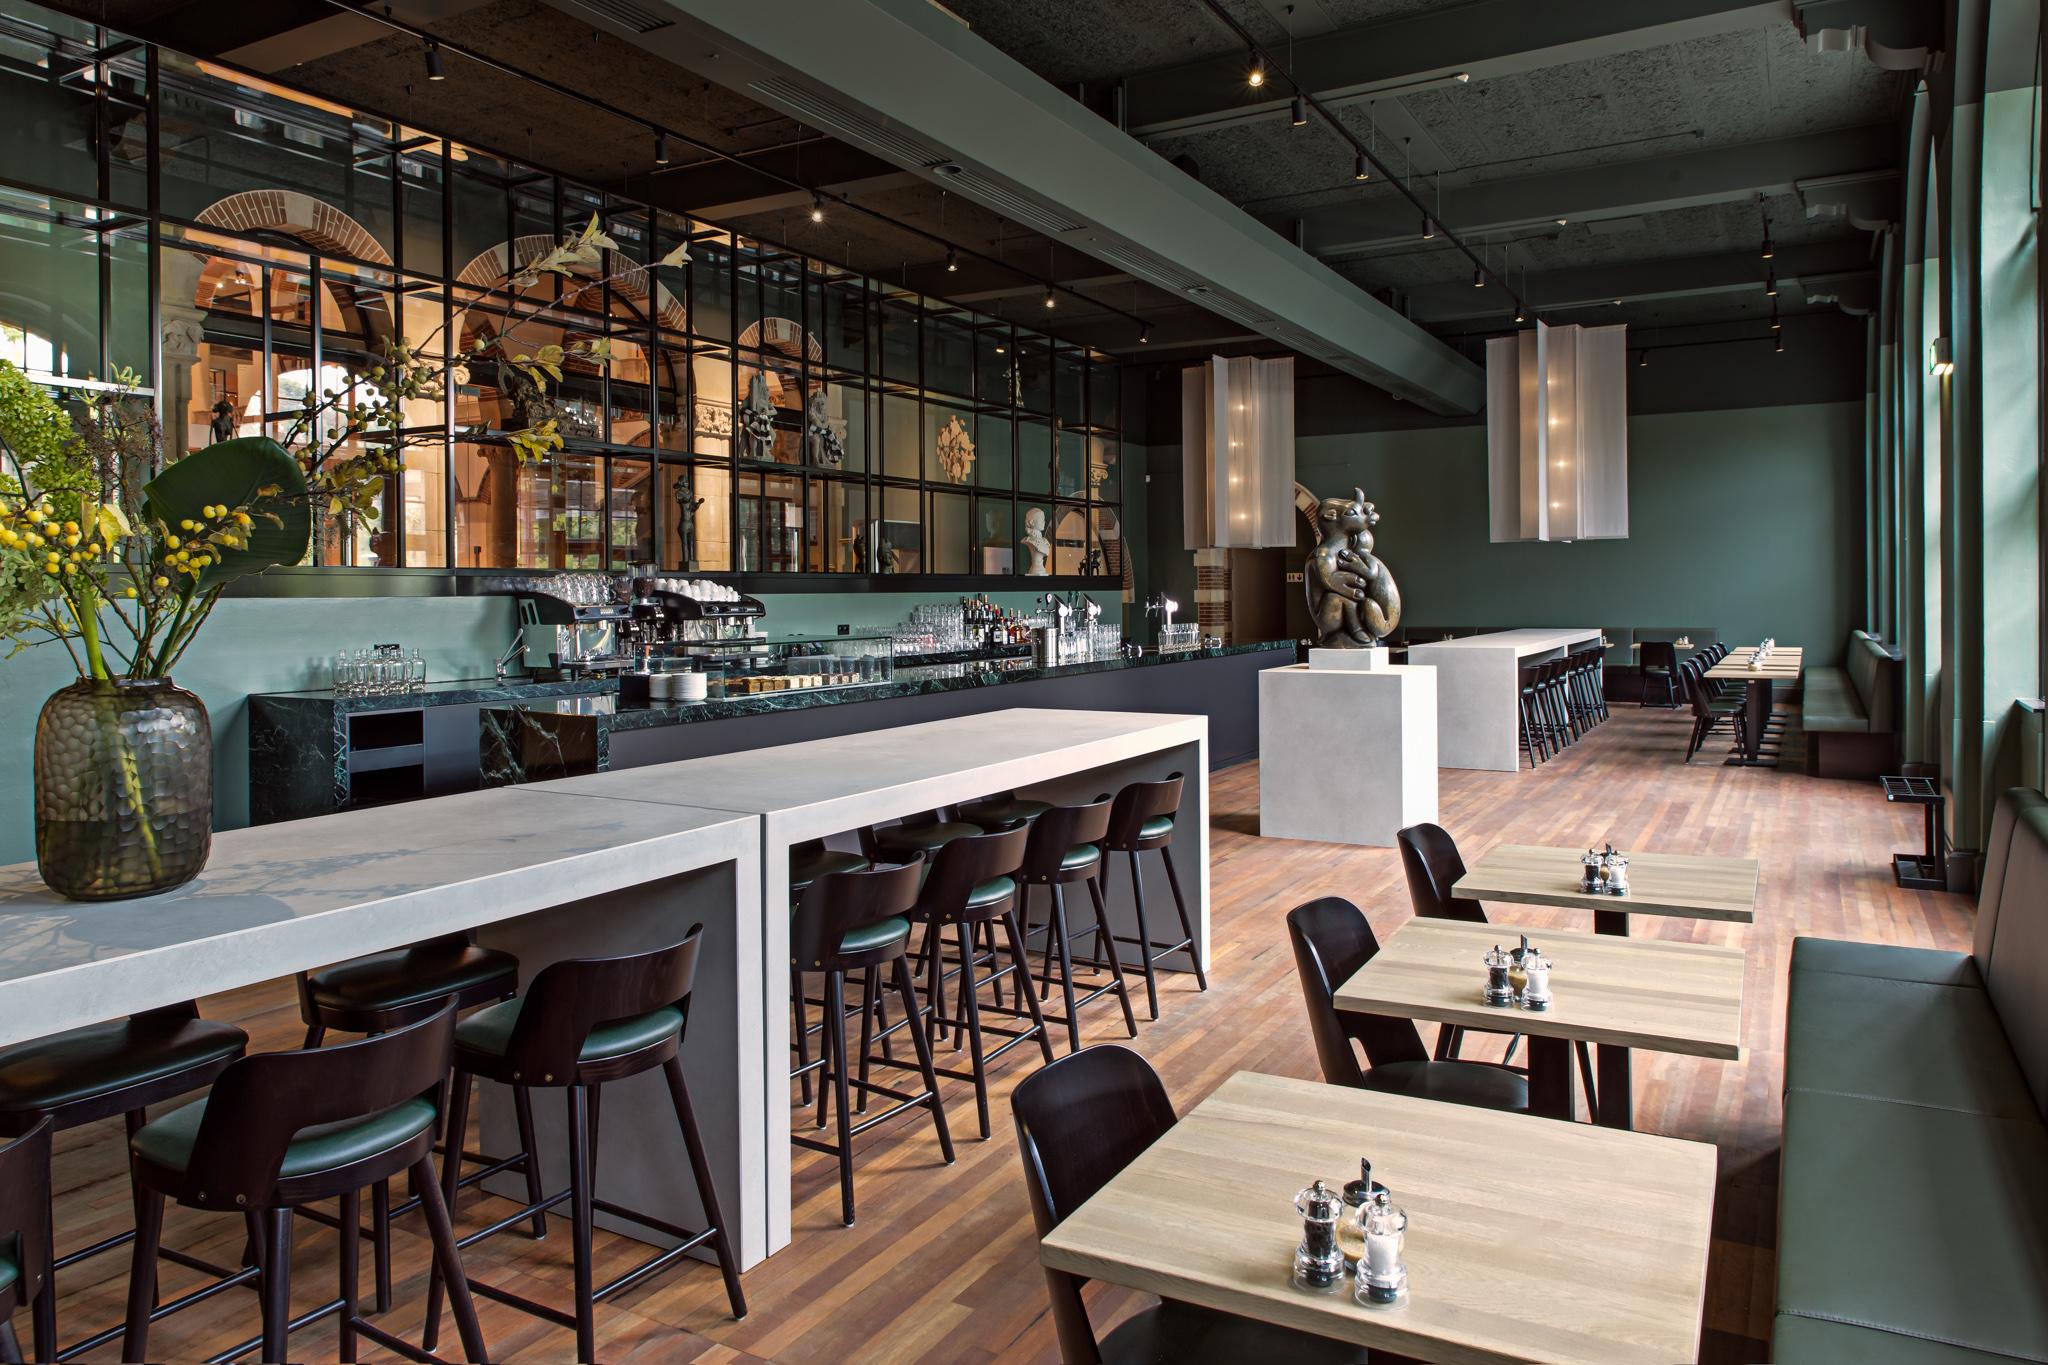 Grand Cafe de Tropen